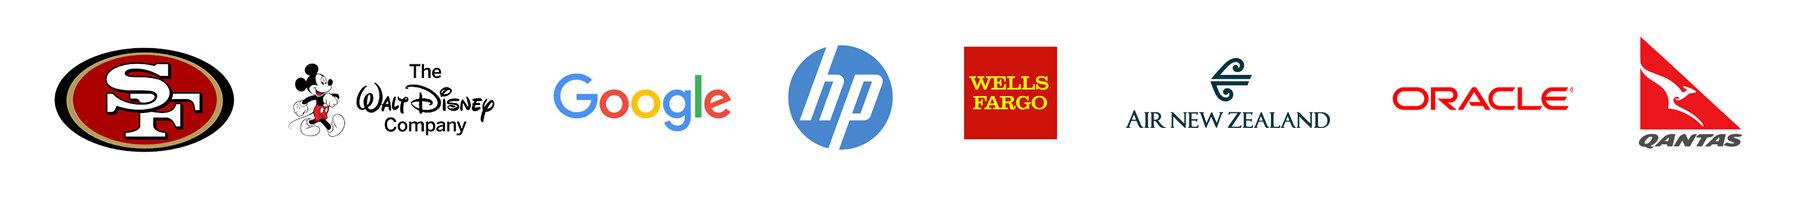 Sign Client logos 2.jpg